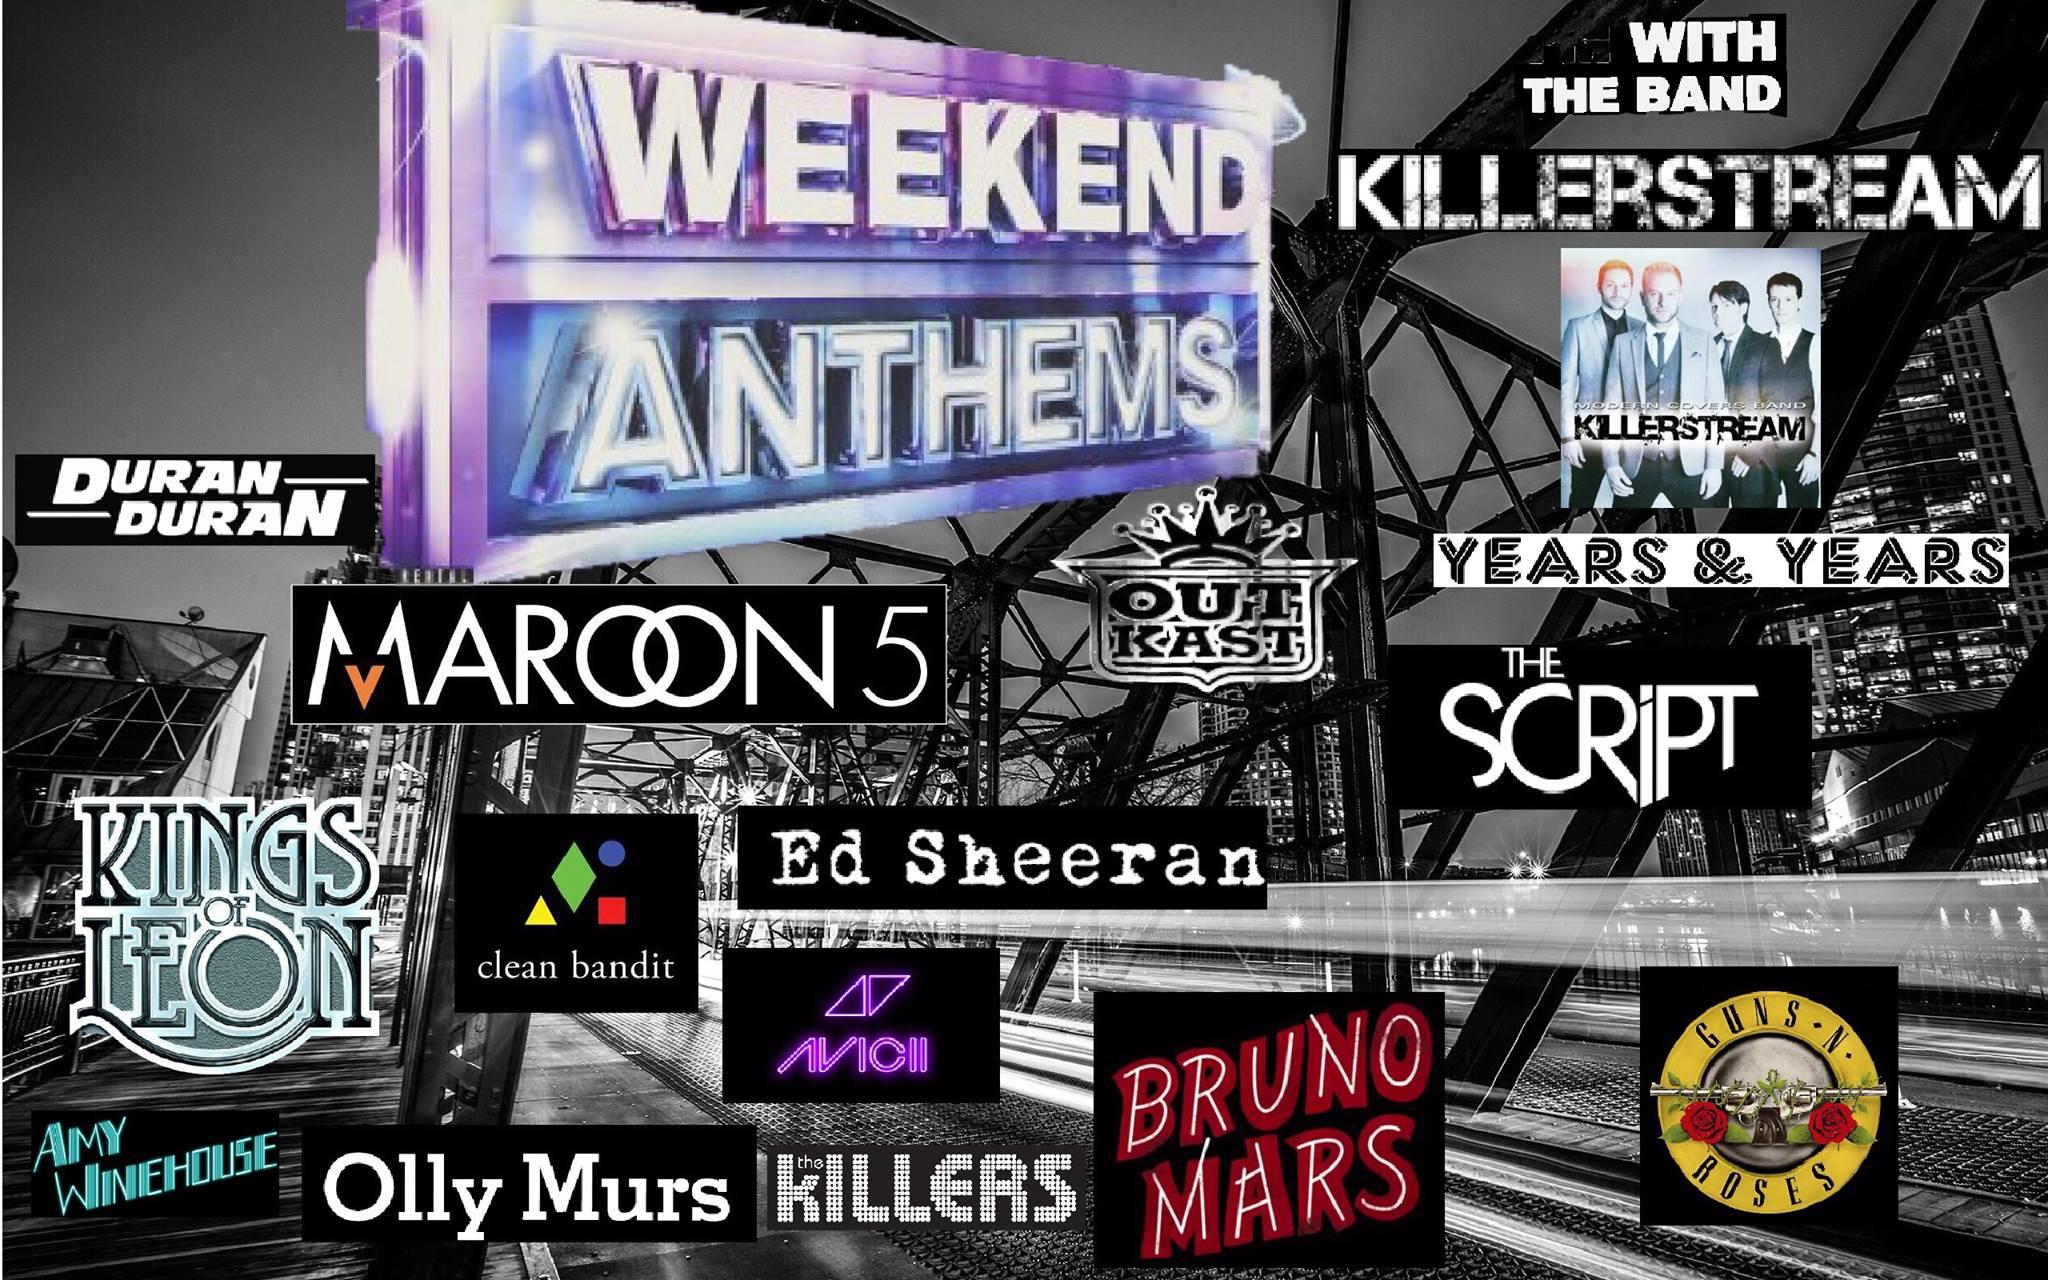 Killerstream banner image